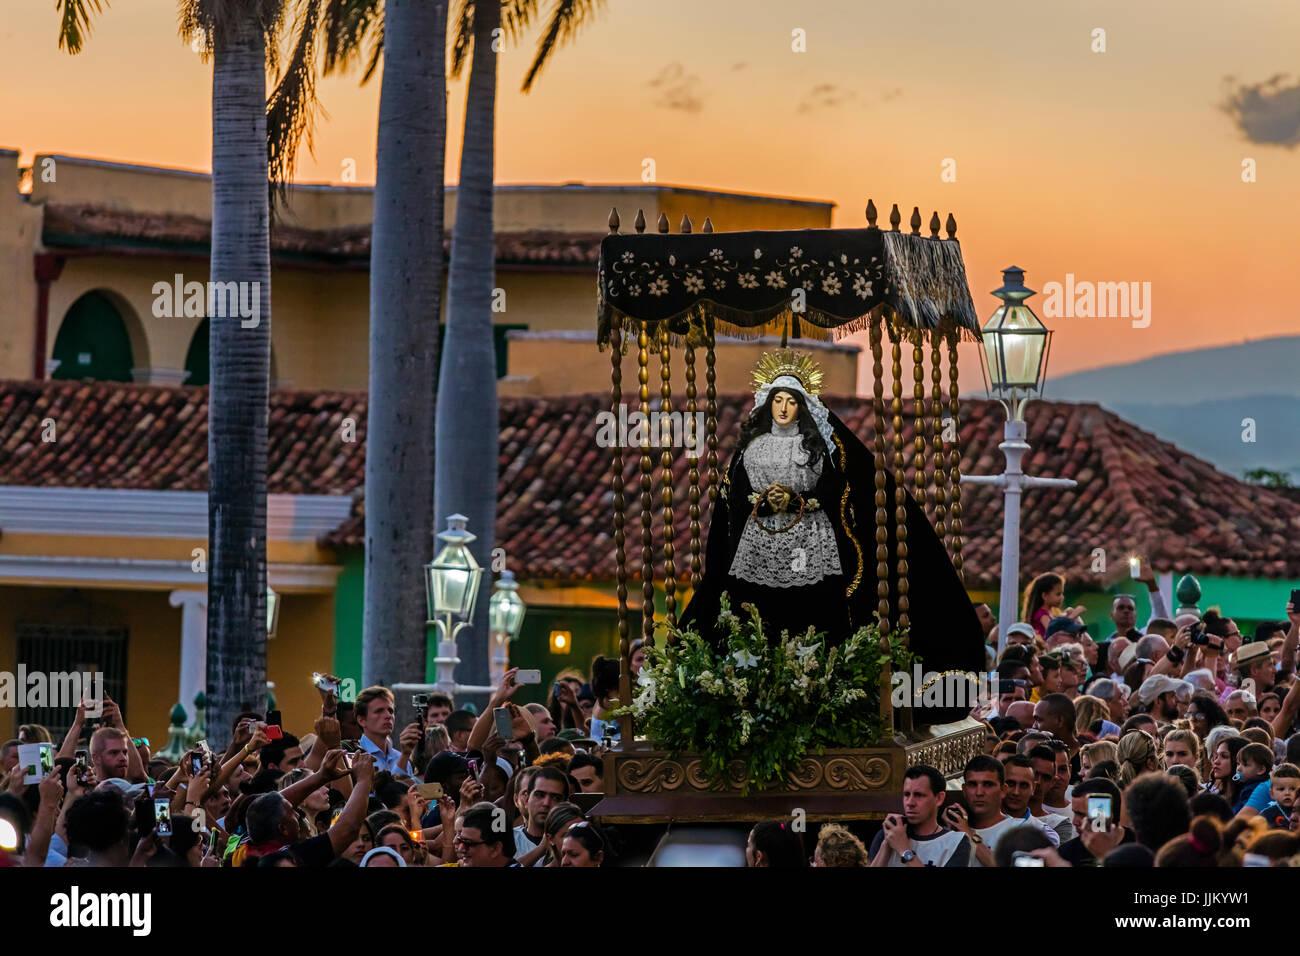 Durante le vacanze di Pasqua noto come SEMANA SANTA statue religiose sono portata in processione attraverso la città Immagini Stock